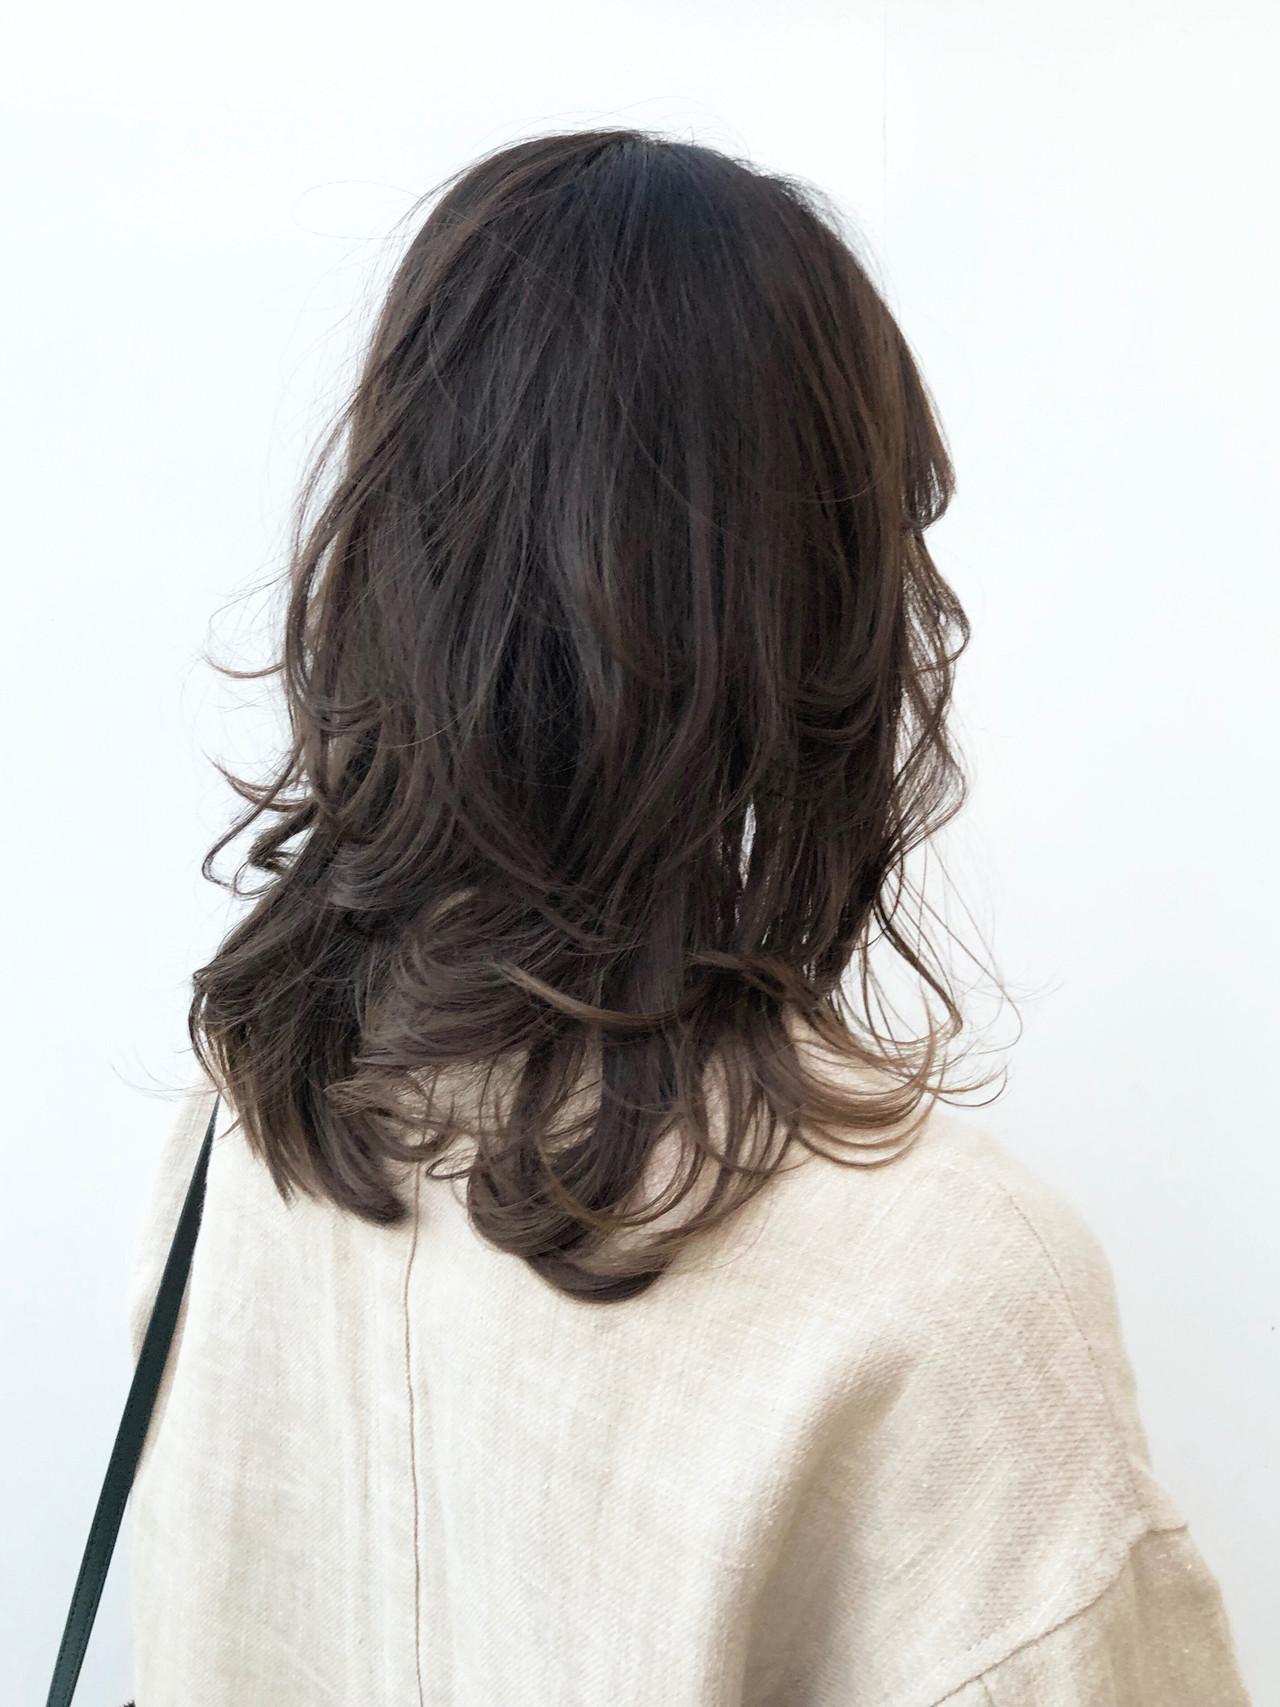 ミディアム ナチュラル 透明感カラー パーマ ヘアスタイルや髪型の写真・画像